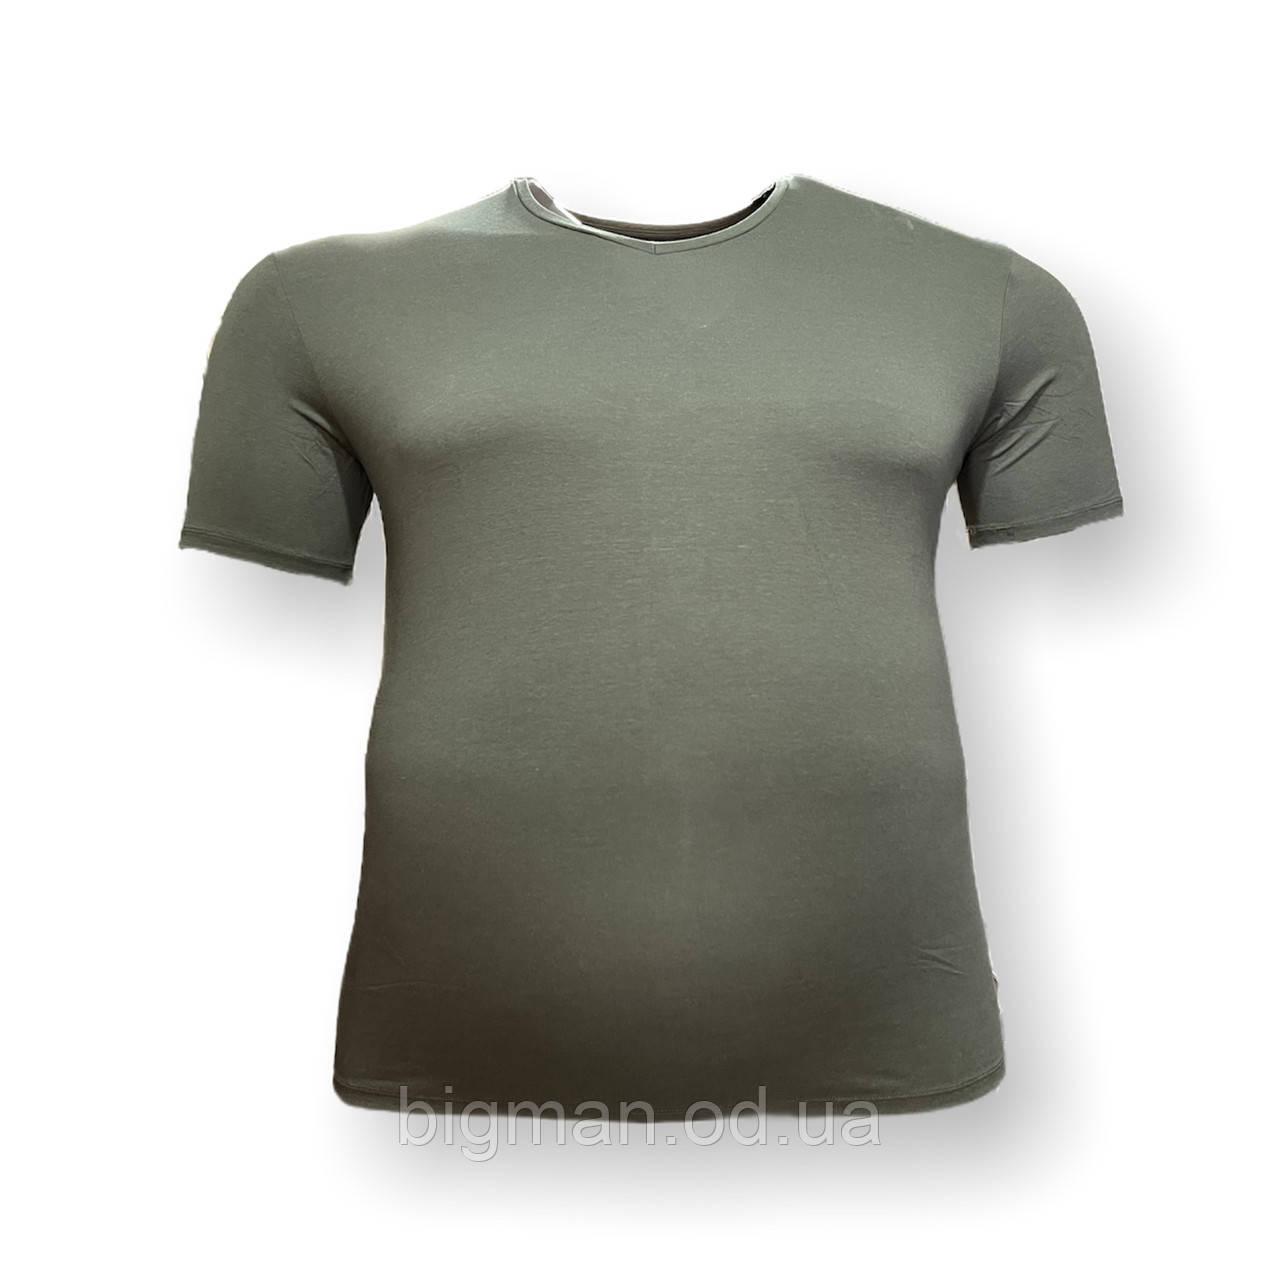 Чоловіча батальна футболка DioRise 12110 3XL 4XL 5XL 6XL 7XL хакі великі розміри Туреччина